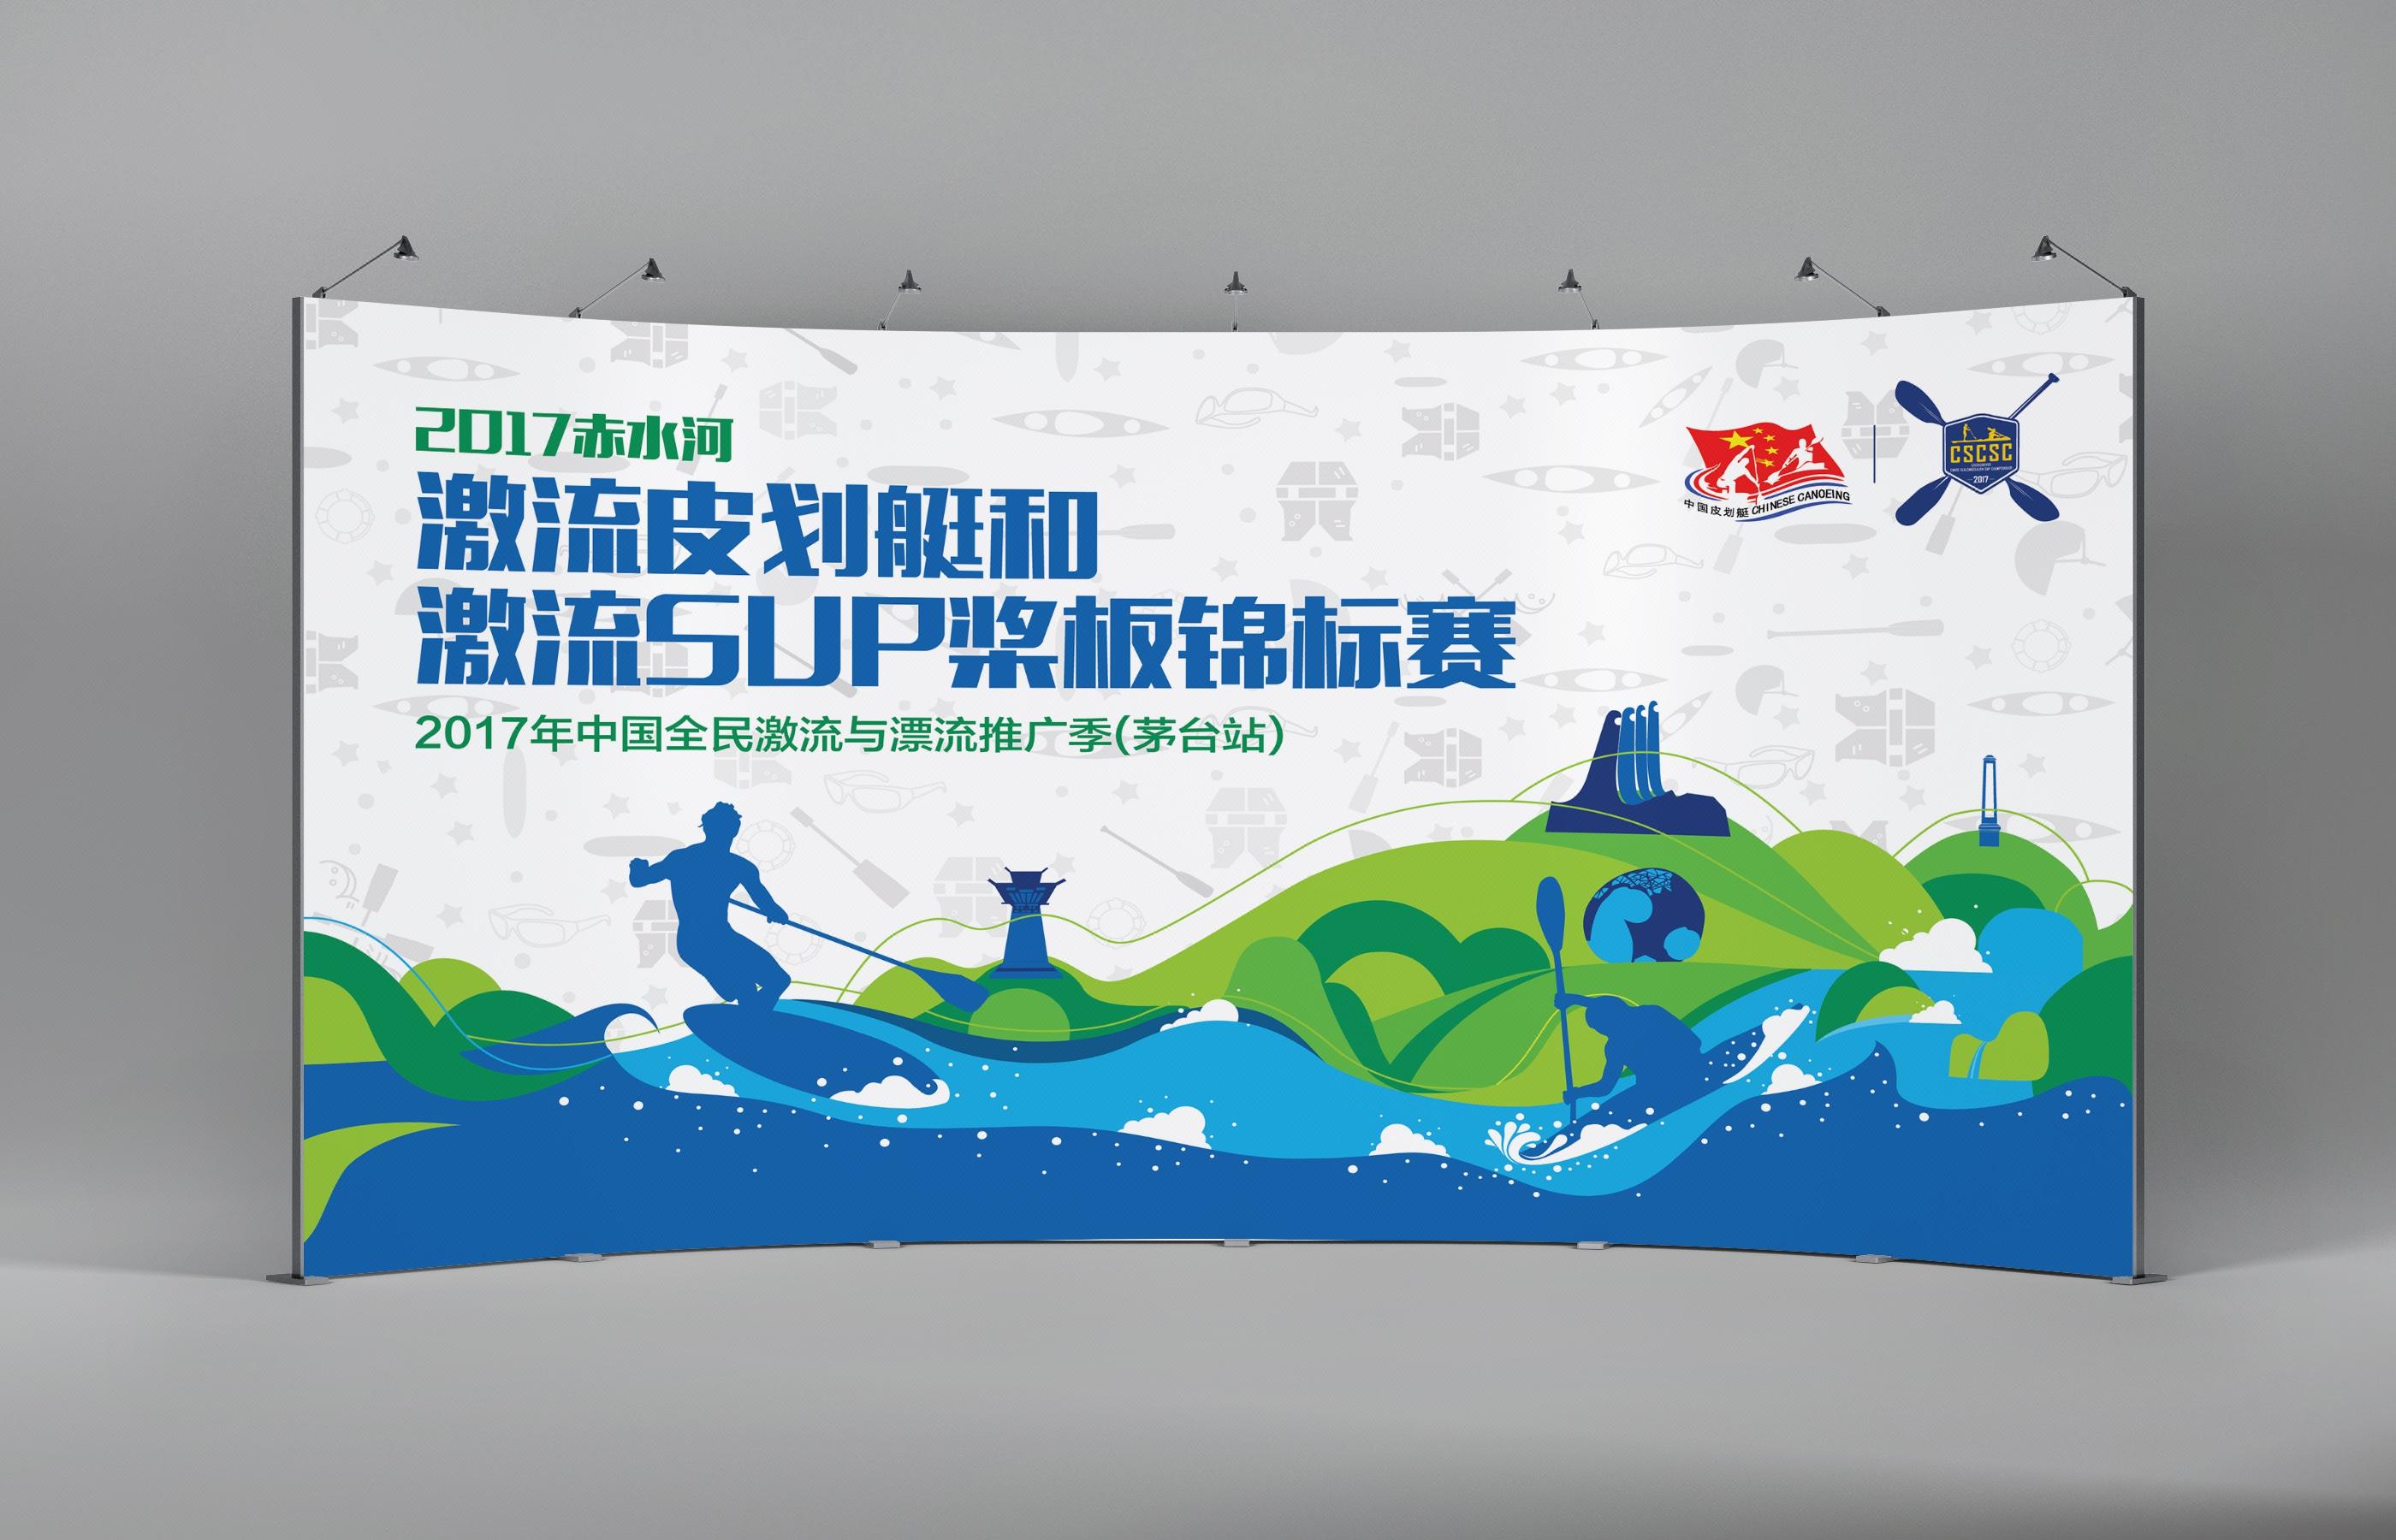 会议/马拉松/运动会/旅游节/电子竞技赛策划外包一站式服务